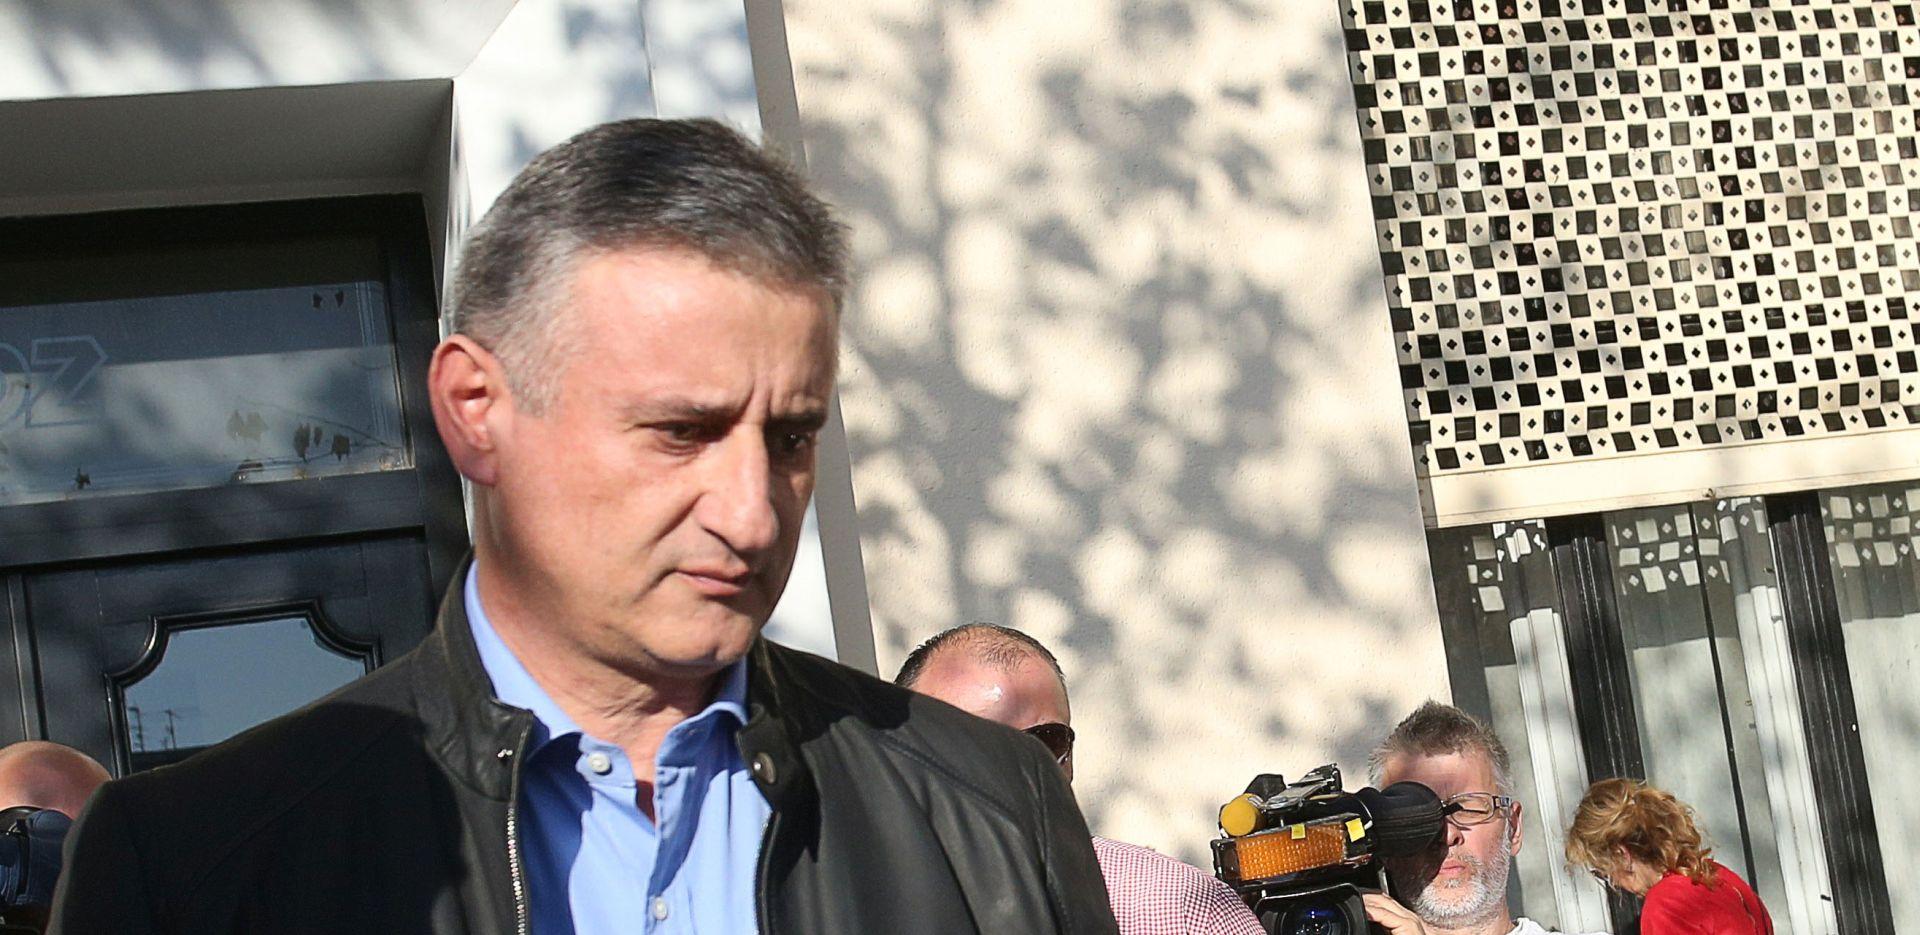 Karamarko: Otkud pravo Milanoviću da nudi pozicije u državi? Mi u HDZ-u nudimo reforme